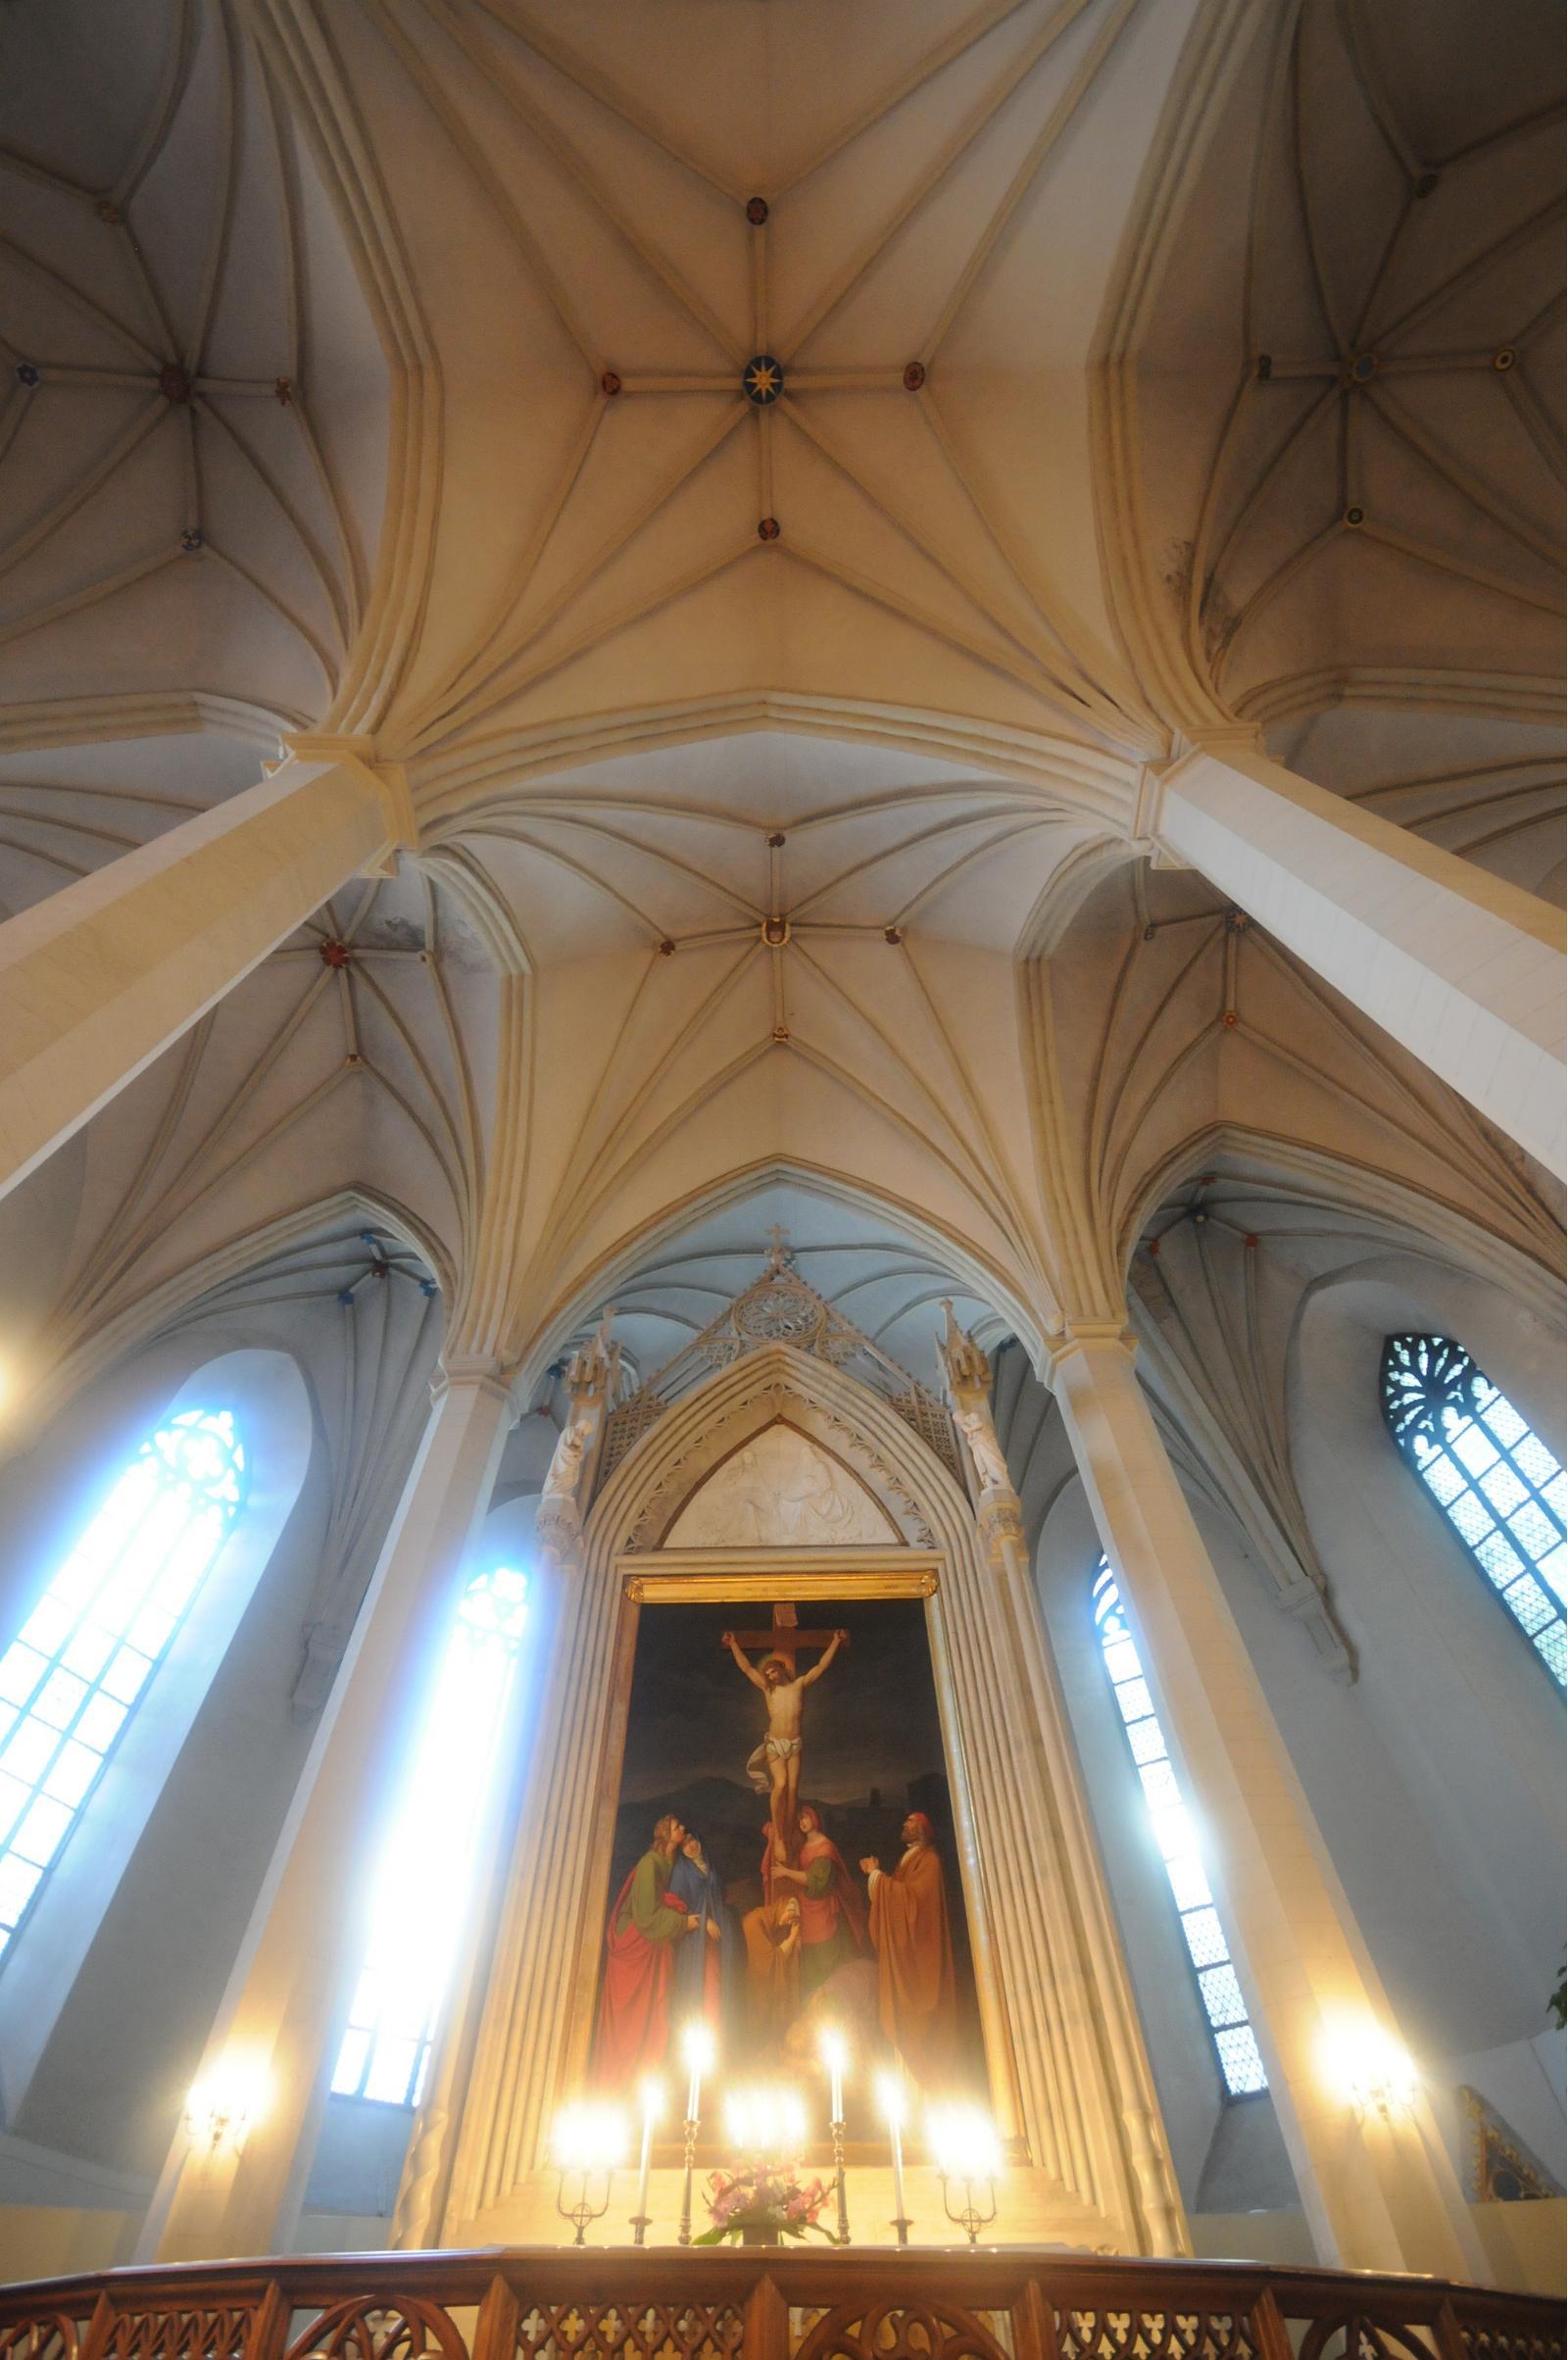 Церковь Святого Олафа: внутренние убранства